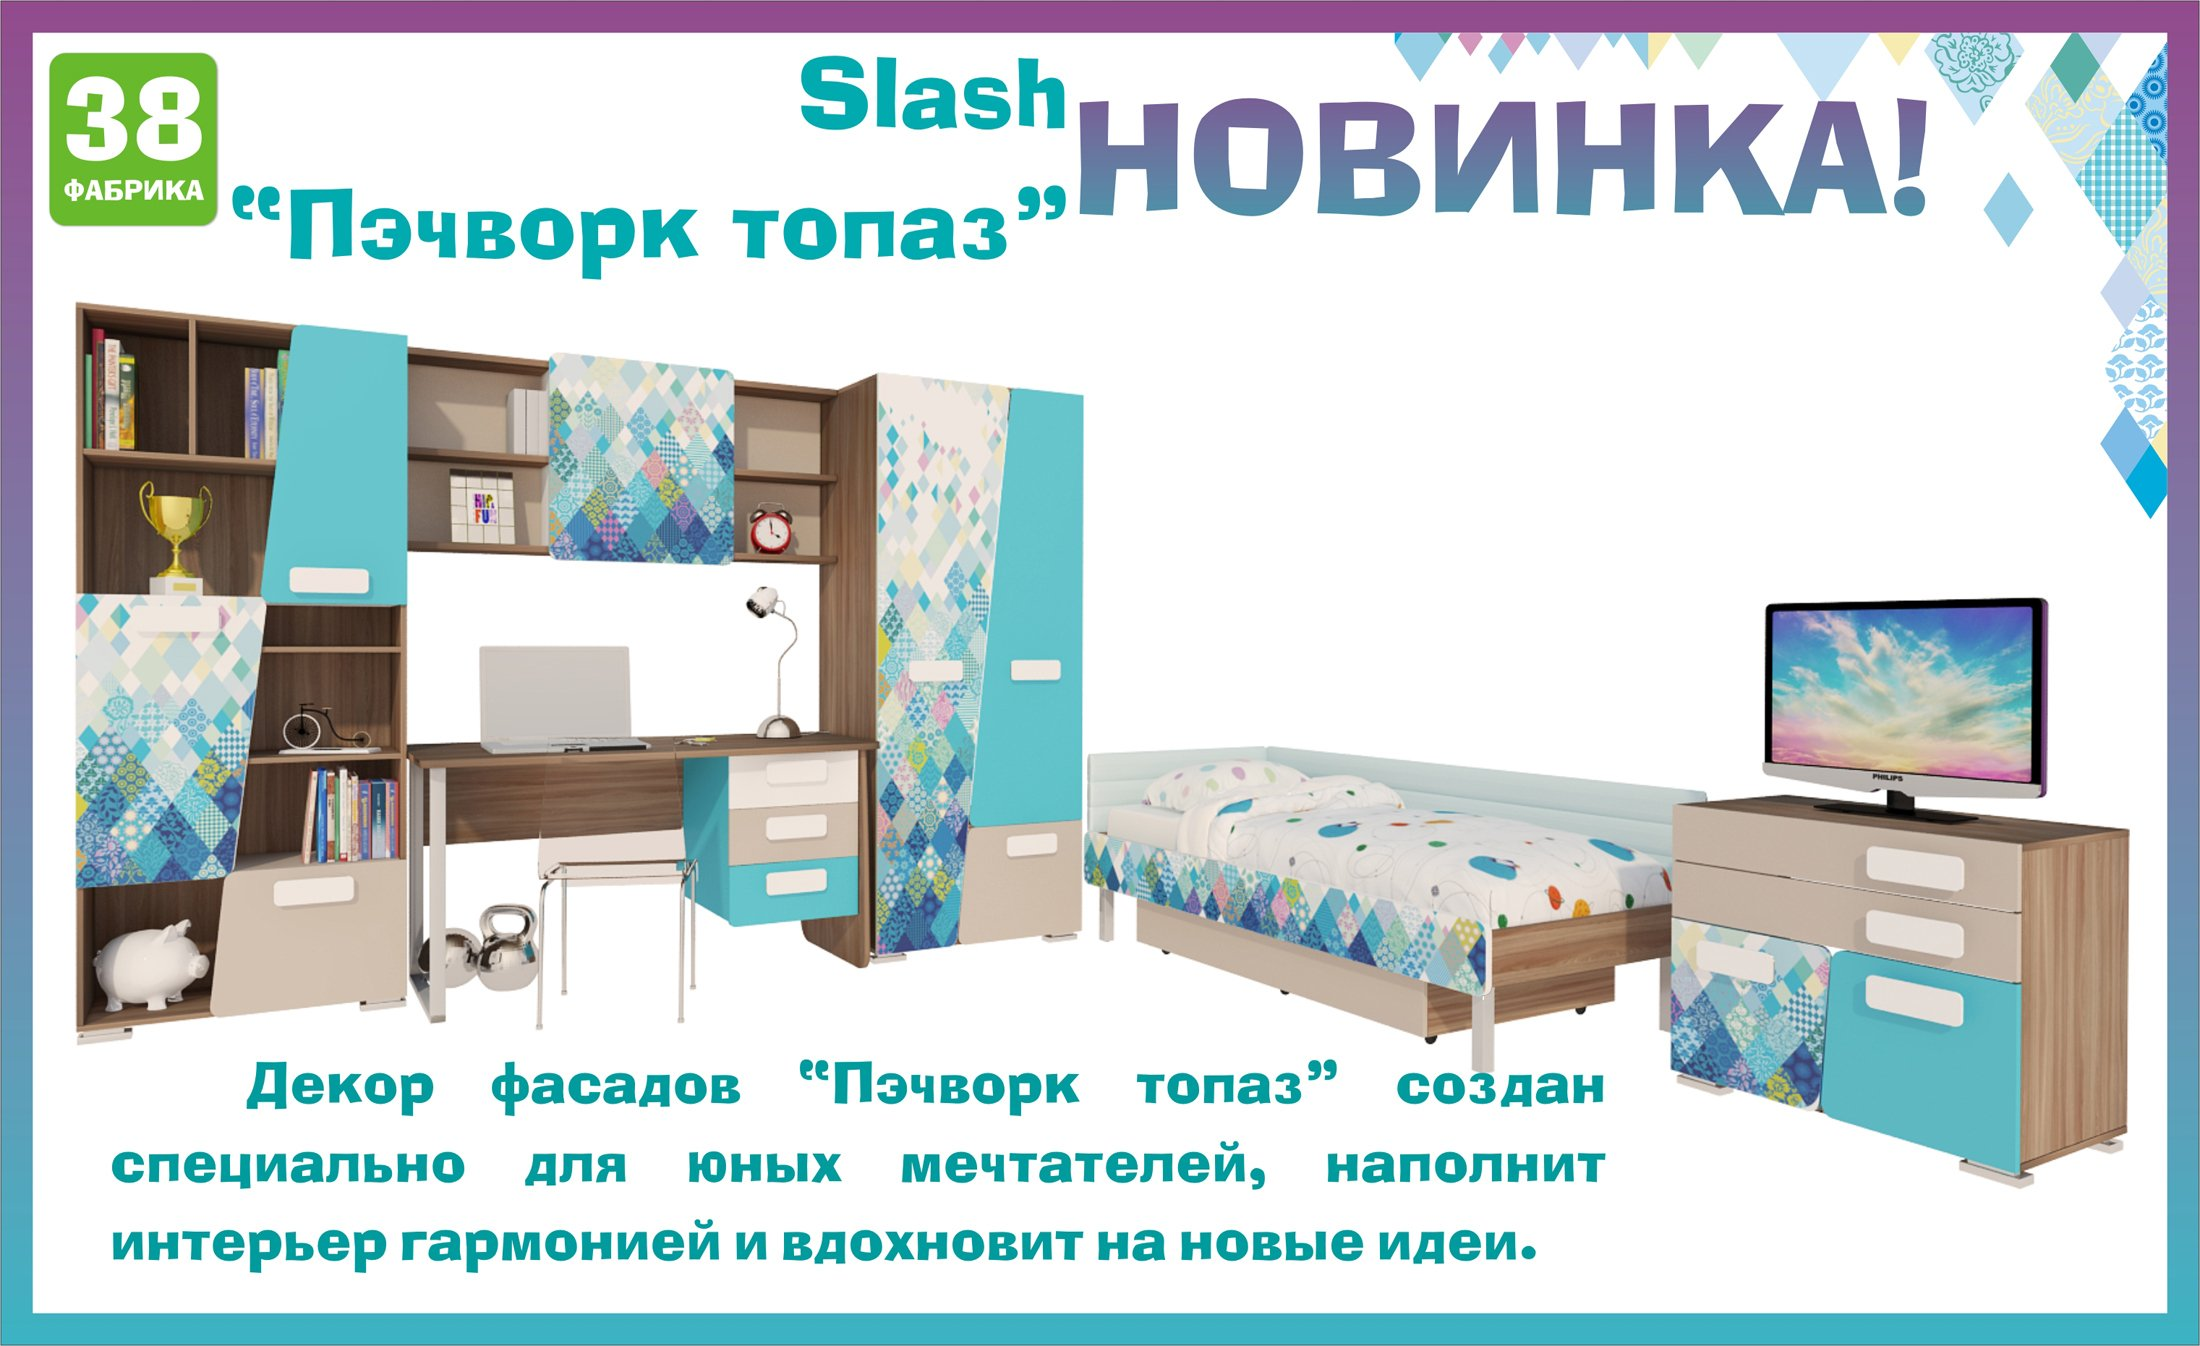 http://online-magazin-mebeli.ru/images/upload/511-pyechvork-topaz.jpg